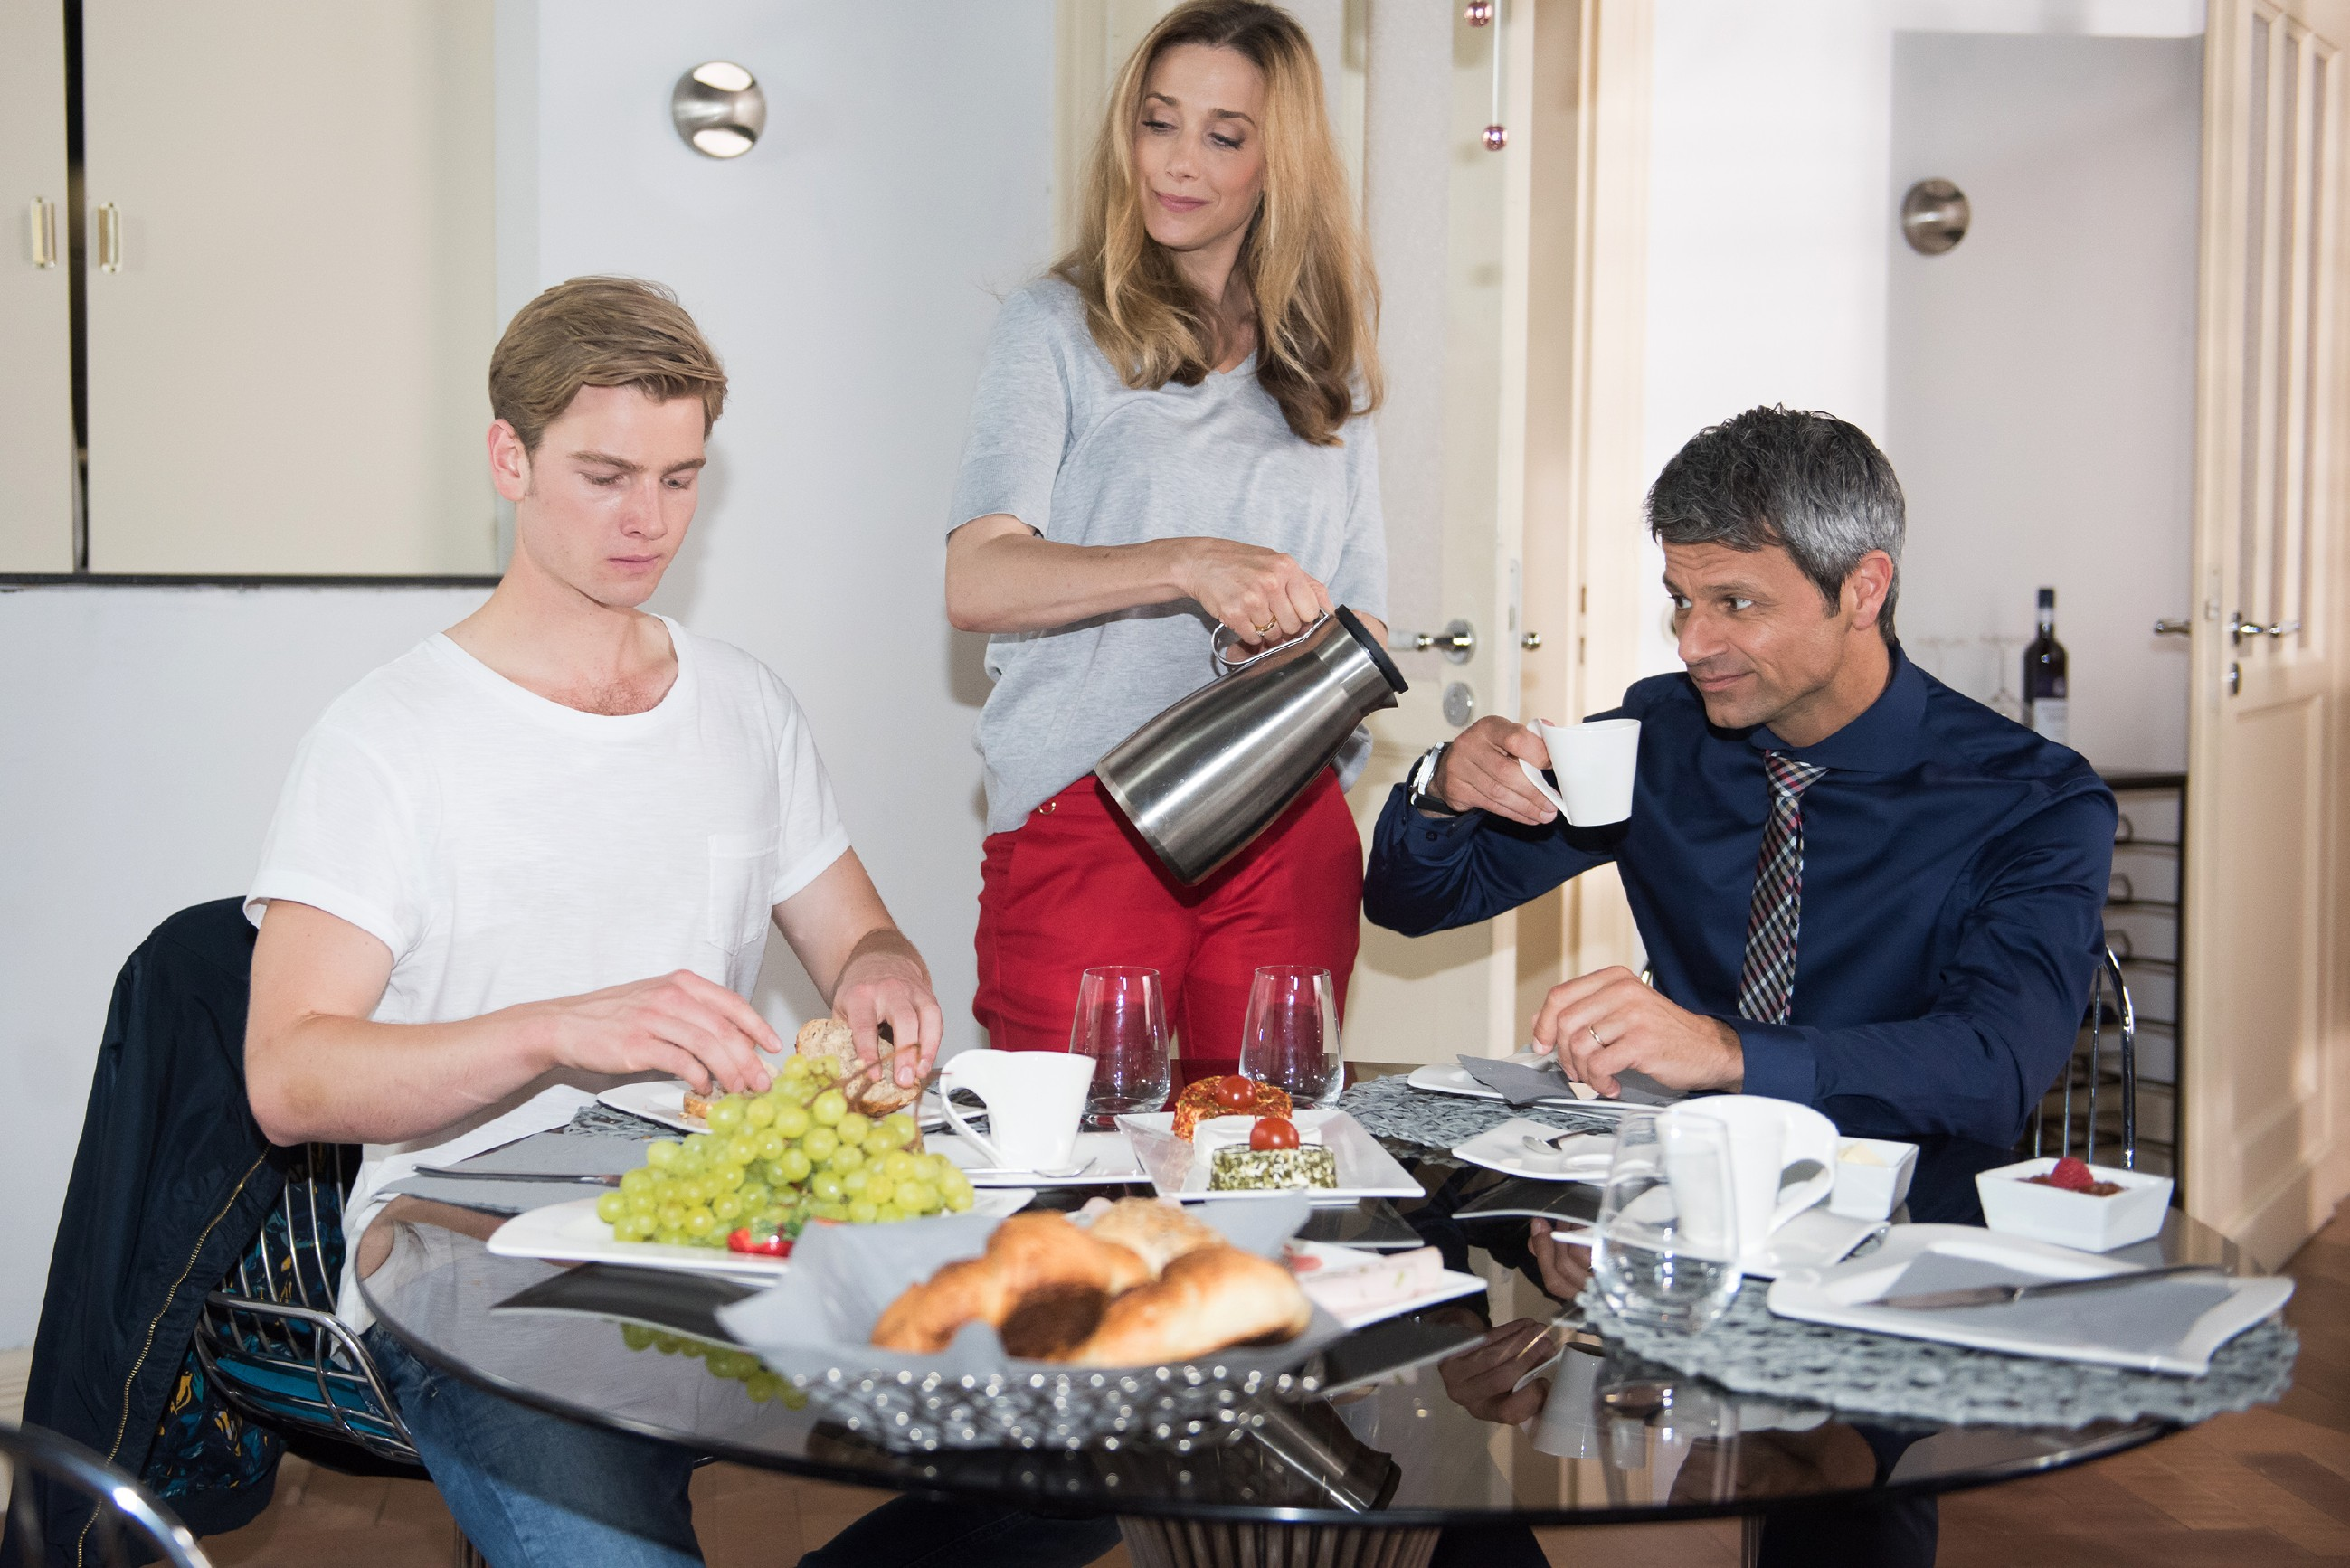 Valentin (Aaron Koszuta, l.) hat im Wissen um sein heimliches Doppelleben auch bei seinen Eltern Andrea (Kristin Meyer) und Benedikt (Jens Hajek) Oberwasser. (Quelle: RTL / Stefan Behrens)